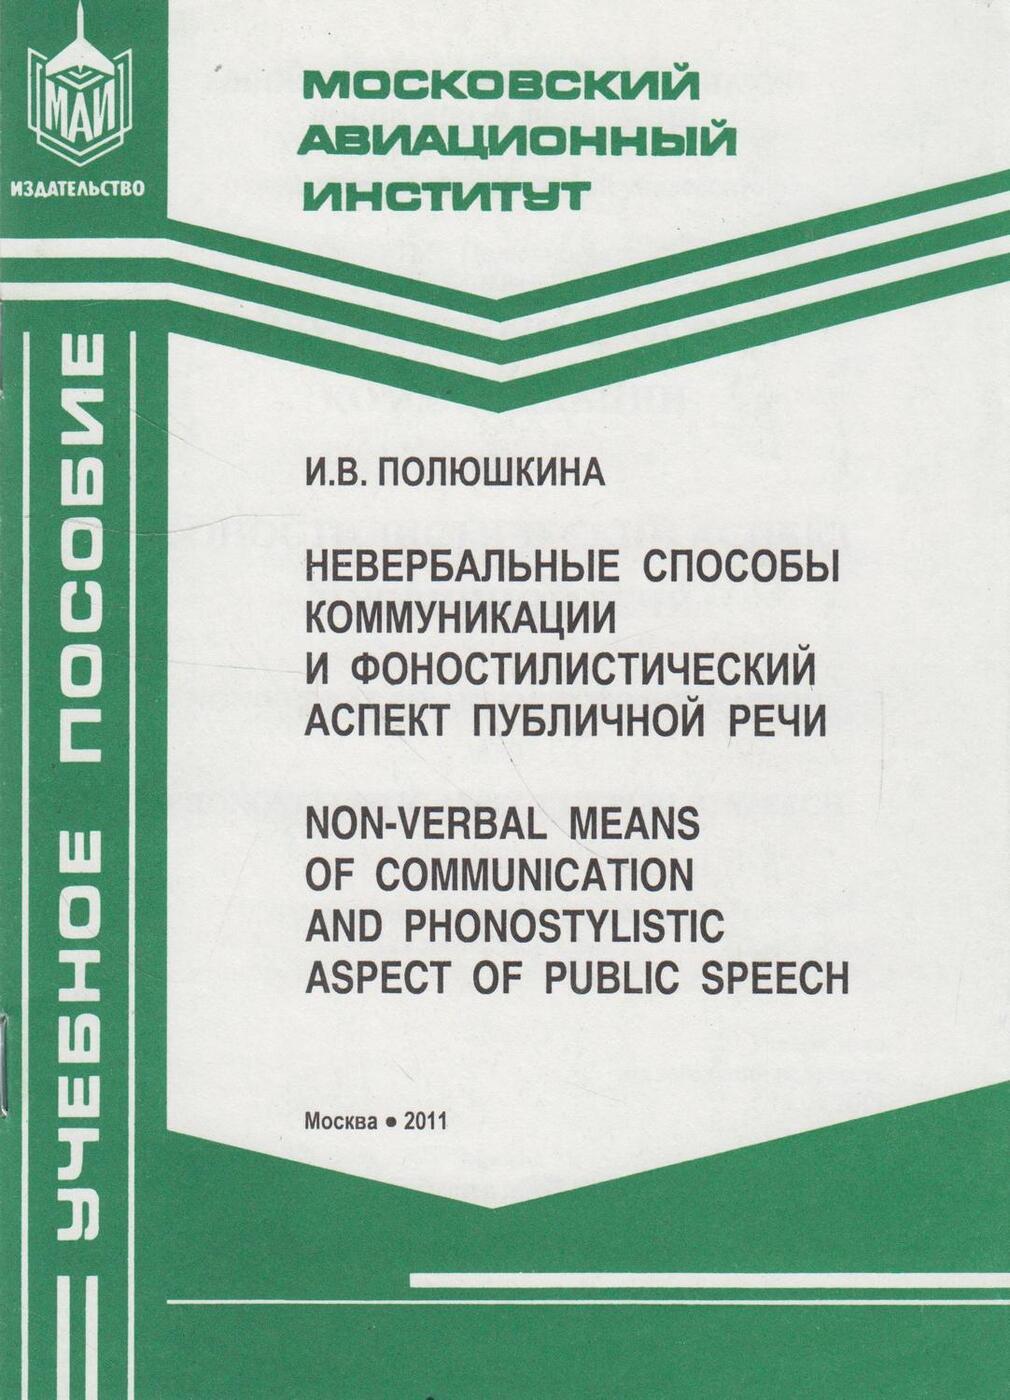 Полюшкина И.В.. Невербальные способы коммуникации и фоностилистический аспект публичной речи